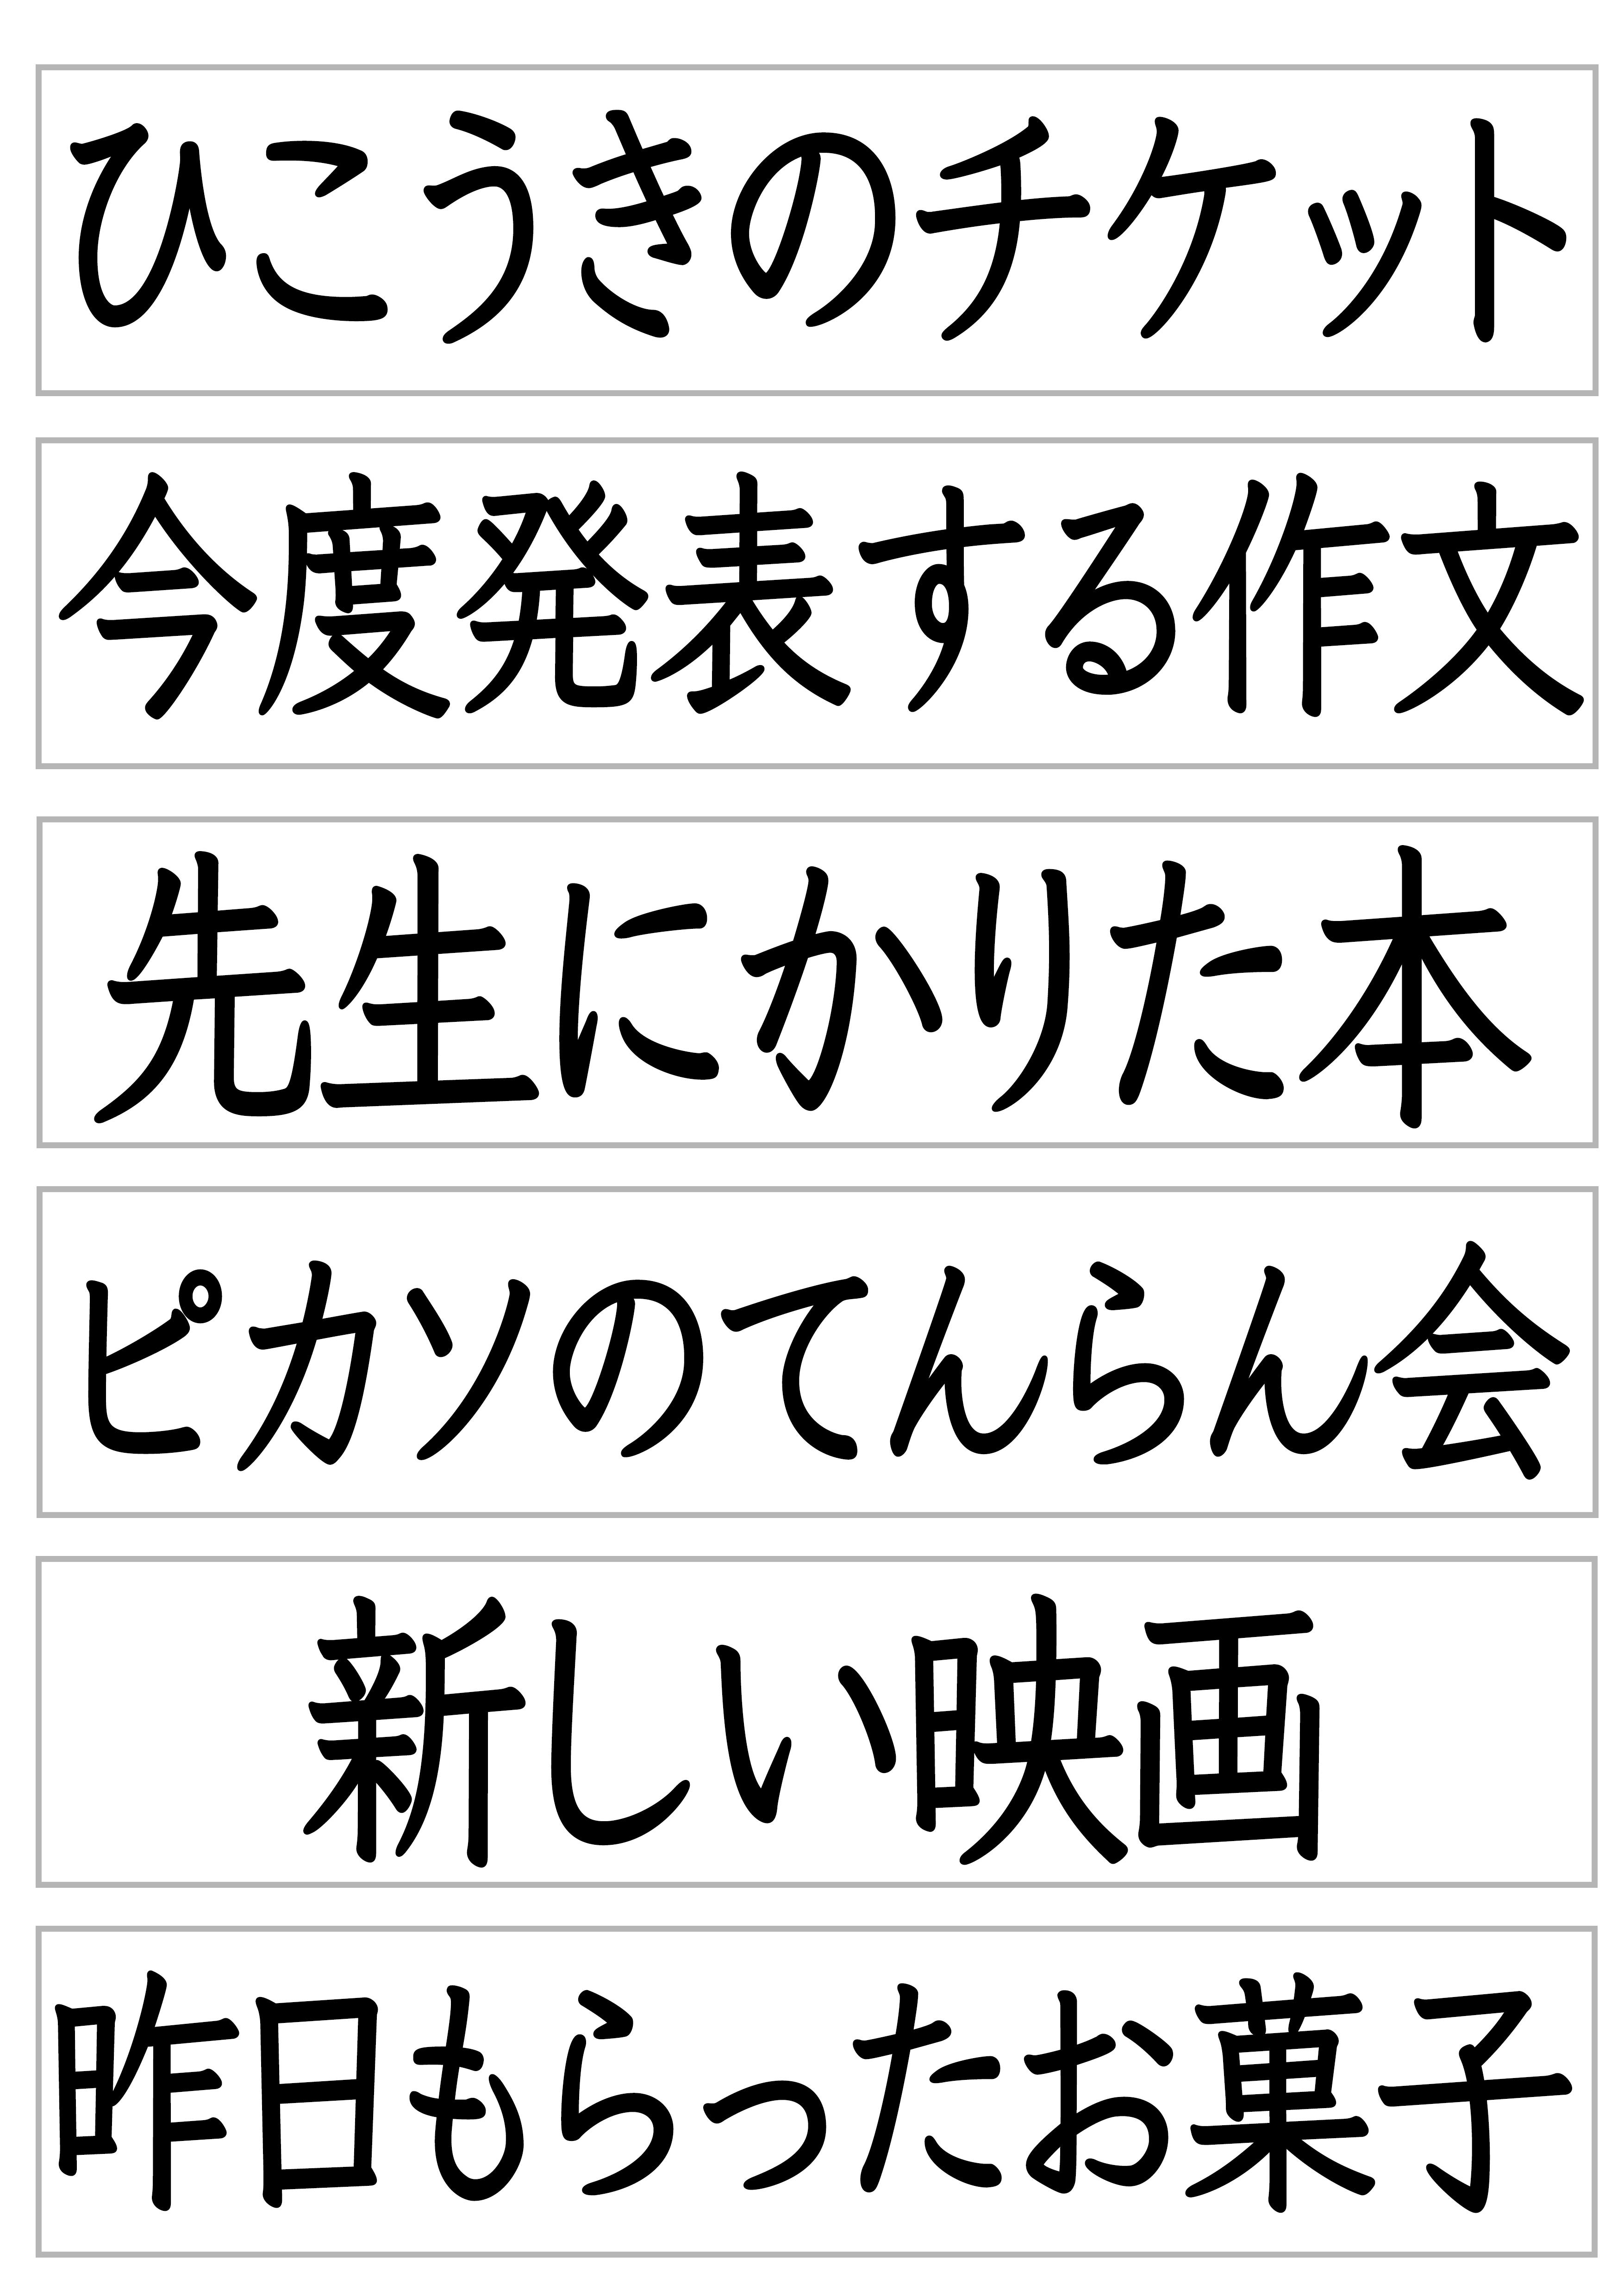 みんなの日本語31課